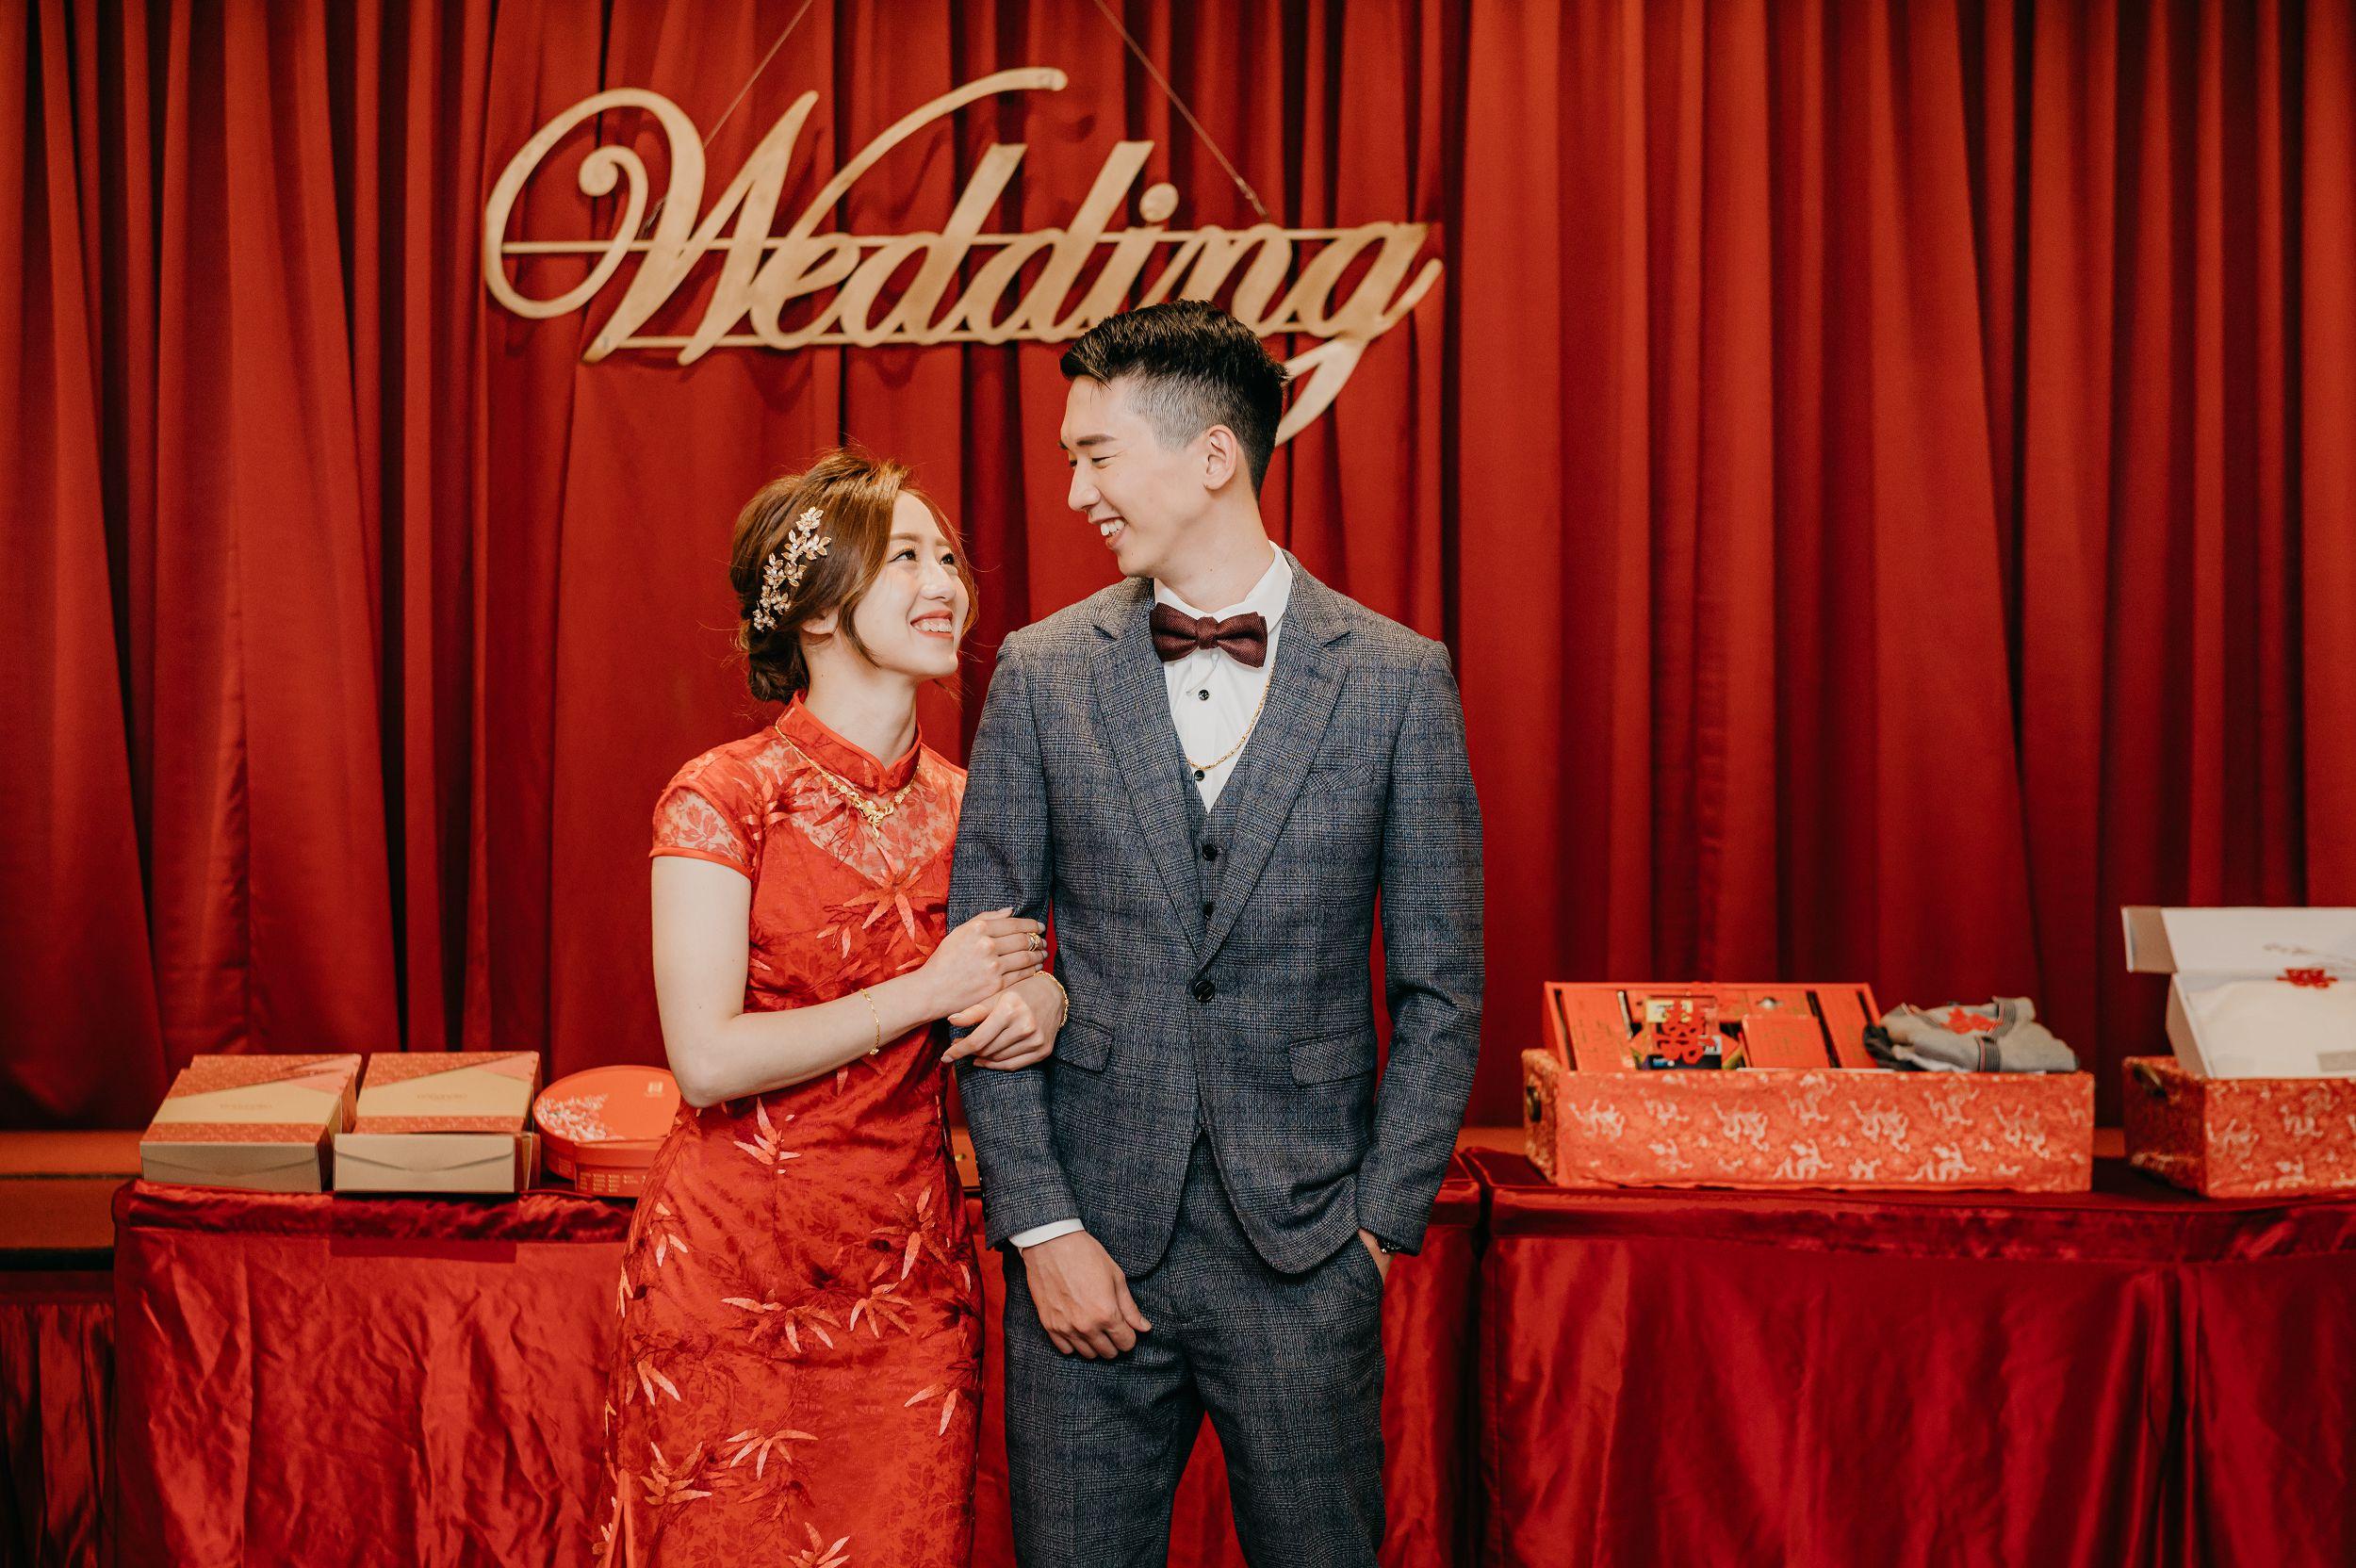 婚禮攝影,婚攝,台北攝影師,新娘物語推薦,ptt推薦婚攝,徐州路二號,婚宴會館,新秘,造型師,雙機攝影,婚禮小物,類婚紗,奉茶,訂婚儀式,結婚儀式,